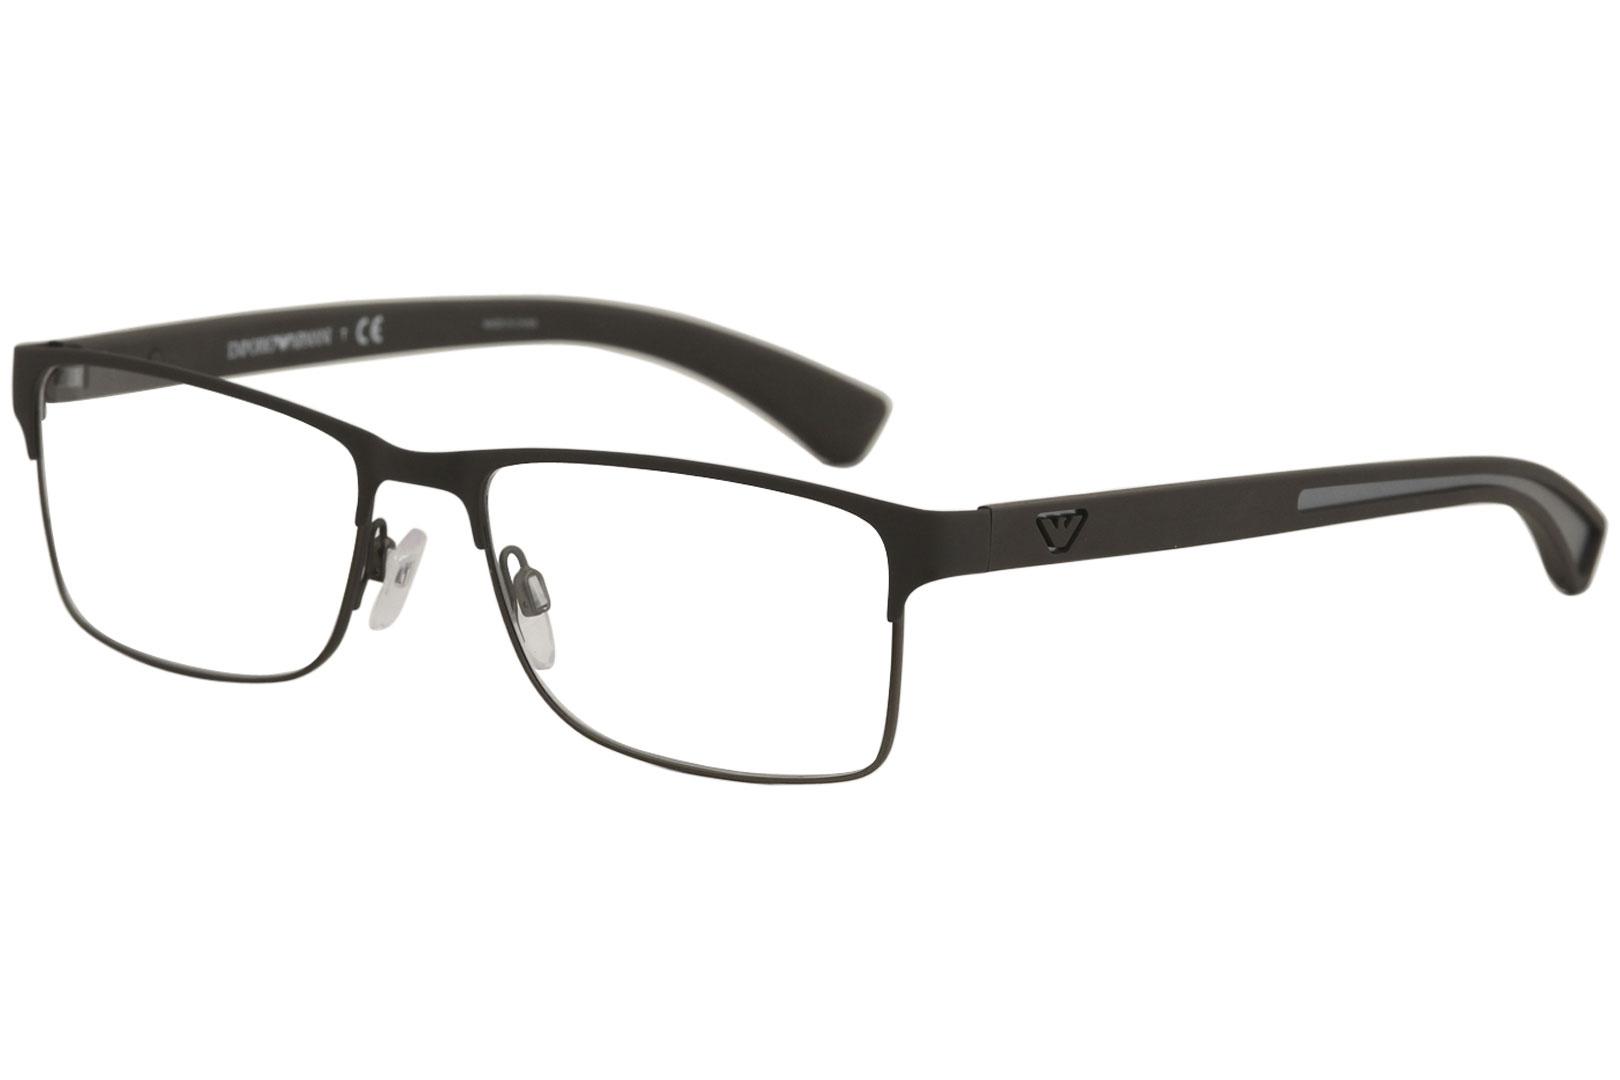 66711424bbd Emporio Armani Men s Eyeglasses EA1052 1052 3156 Brown Rubber ...